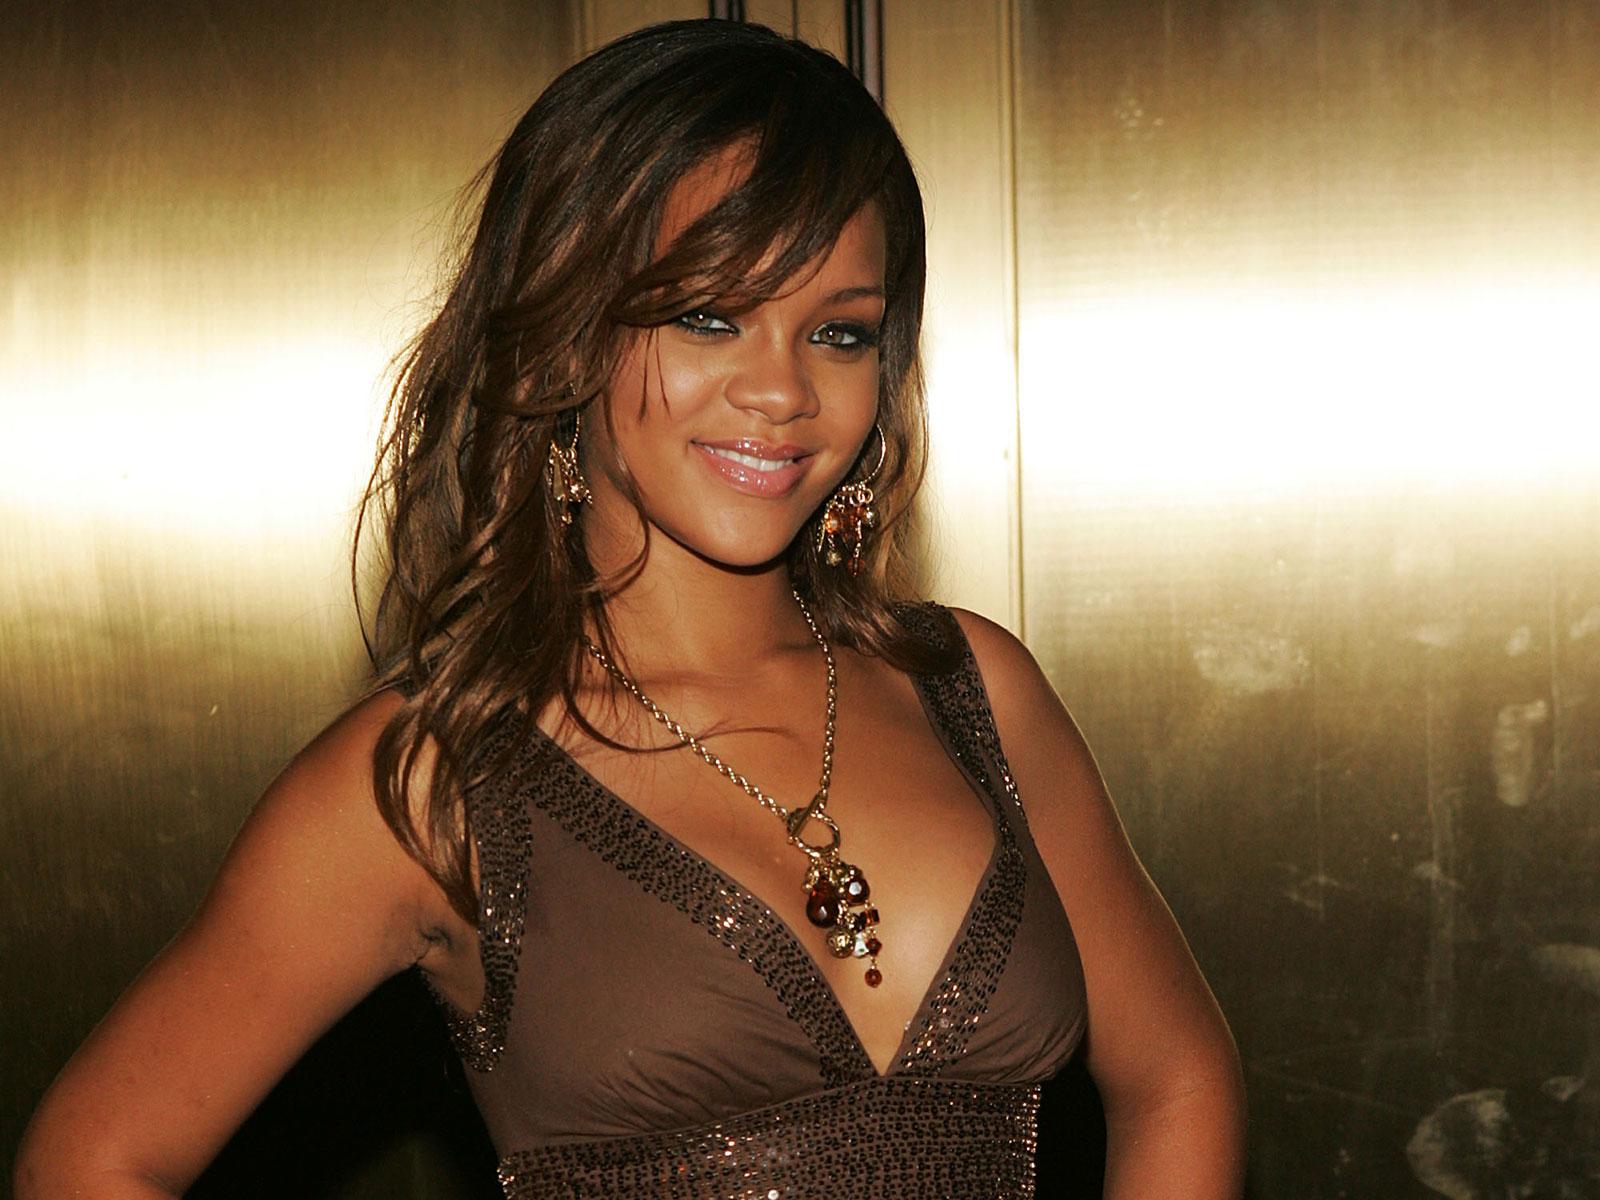 http://2.bp.blogspot.com/-vSs3HdTPpNw/T3Hkm5qaSwI/AAAAAAAAENQ/BayPXR-r598/s1600/Rihanna%2B1.jpg